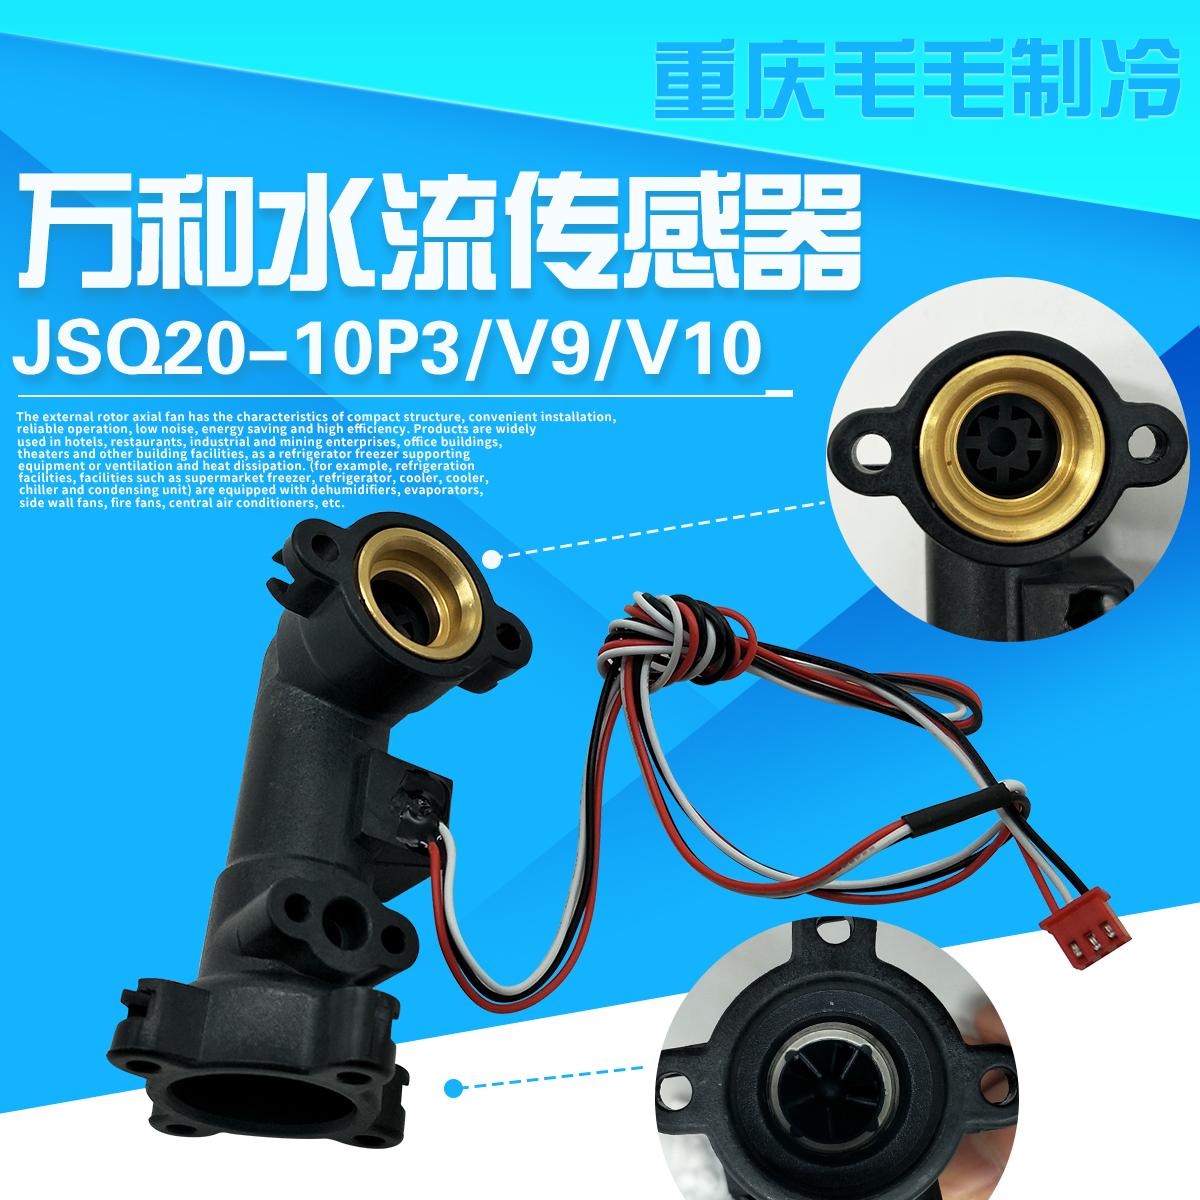 万和 jsq20-10p3热水器